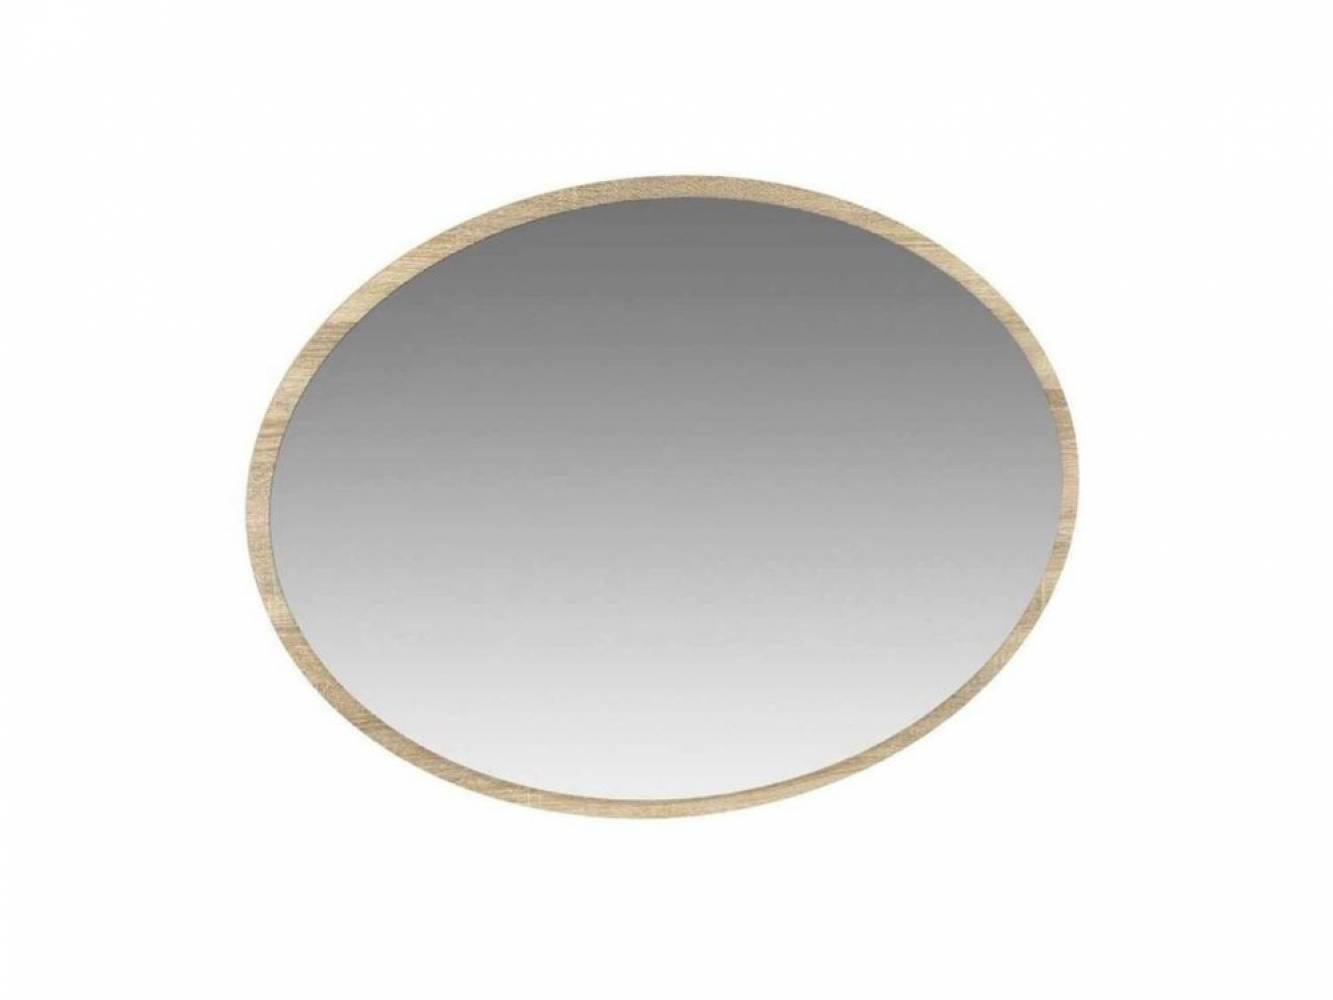 Зеркало НМ 013.17-01 ОЛИВИЯ (Дуб Сонома)